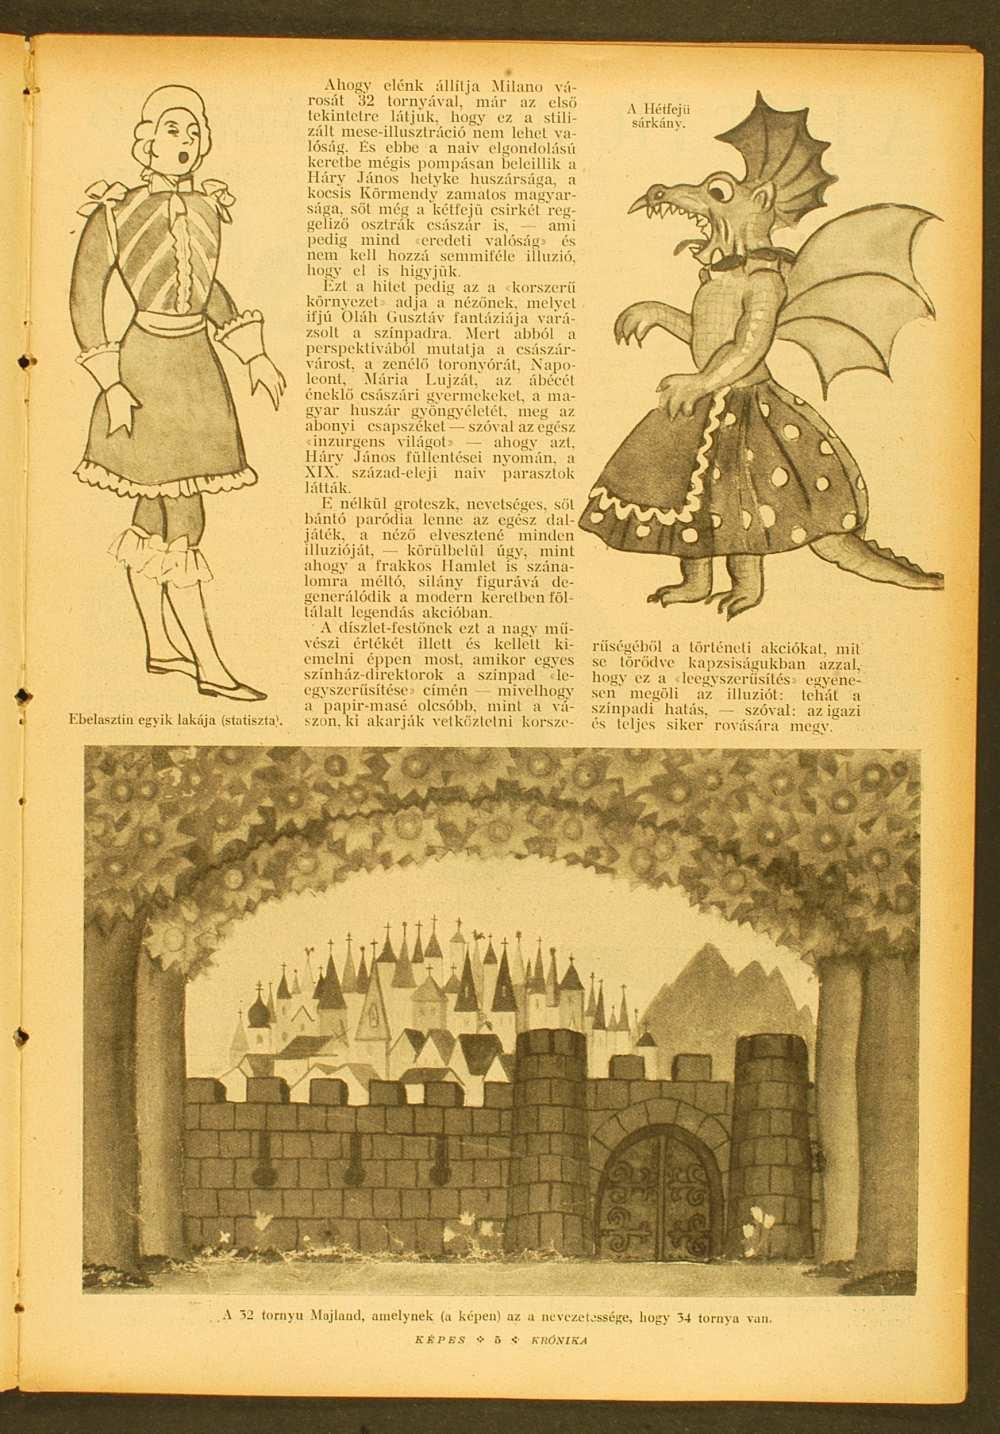 Az Obsitos. In. Képes Krónika,8. évf. 44. sz., 1926. október 31., 5.– Törzsgyűjtemény http://nektar.oszk.hu/hu/manifestation/1019689